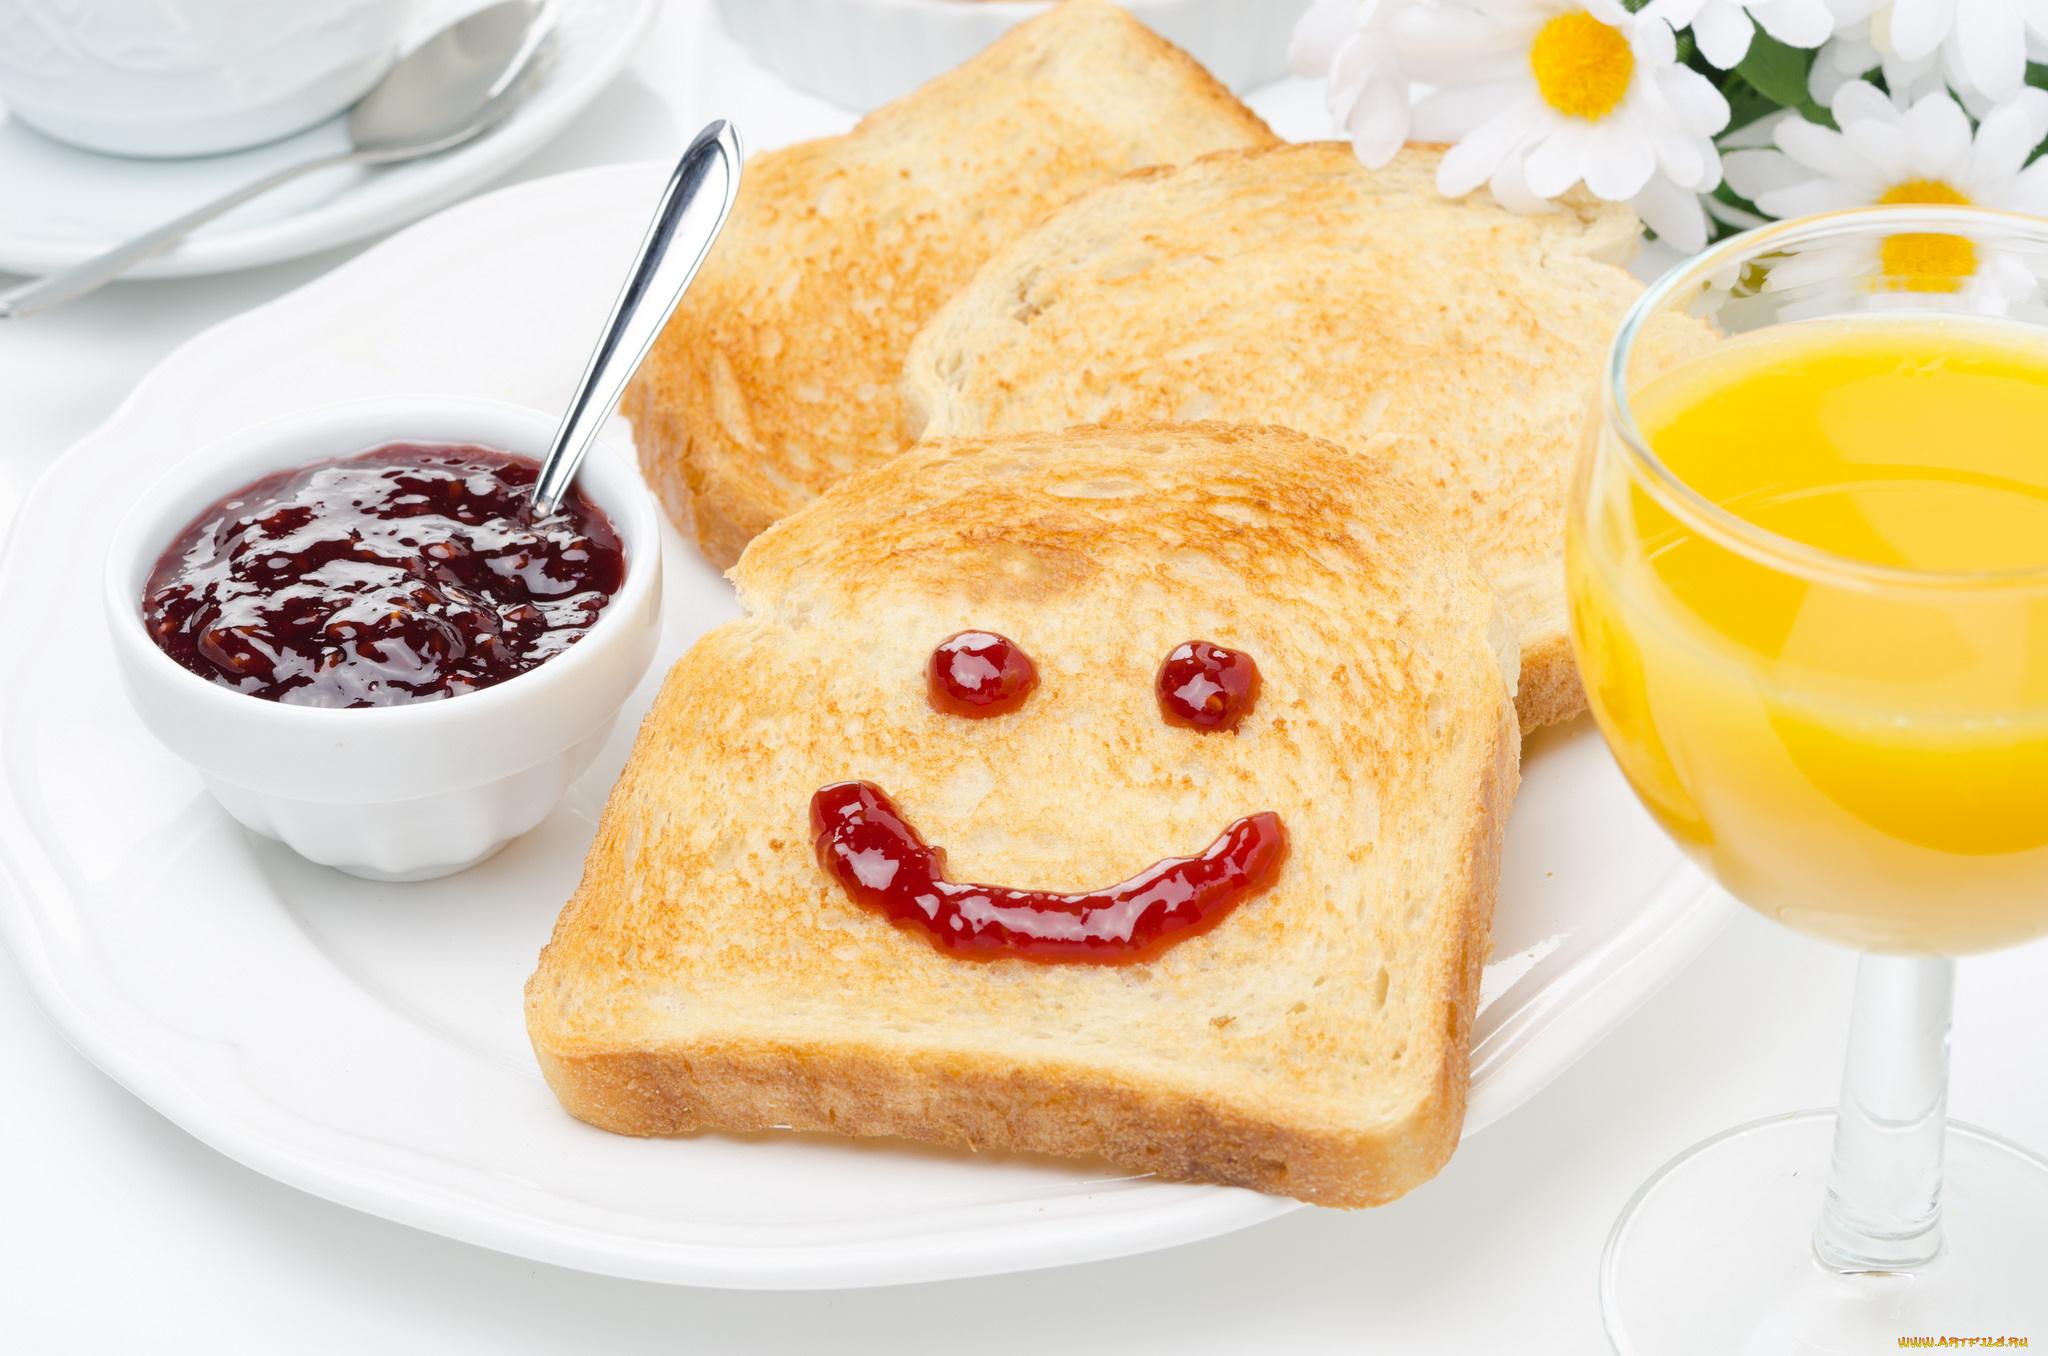 Смешная картинка с тостом, ватсап